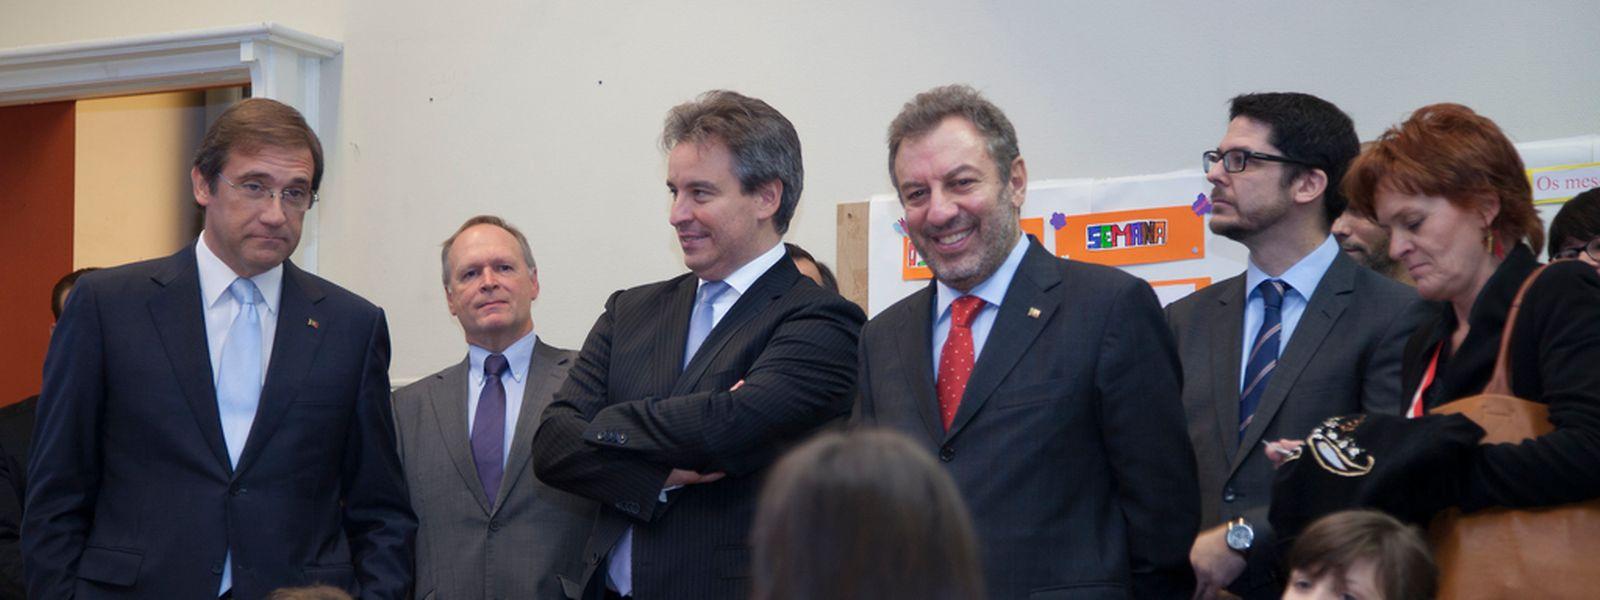 A escola do Brill, em Esch, foi visitada por Pedro Passos Coelho, no mês passado. Na ecola do Brill há alunos que têm aulas em português